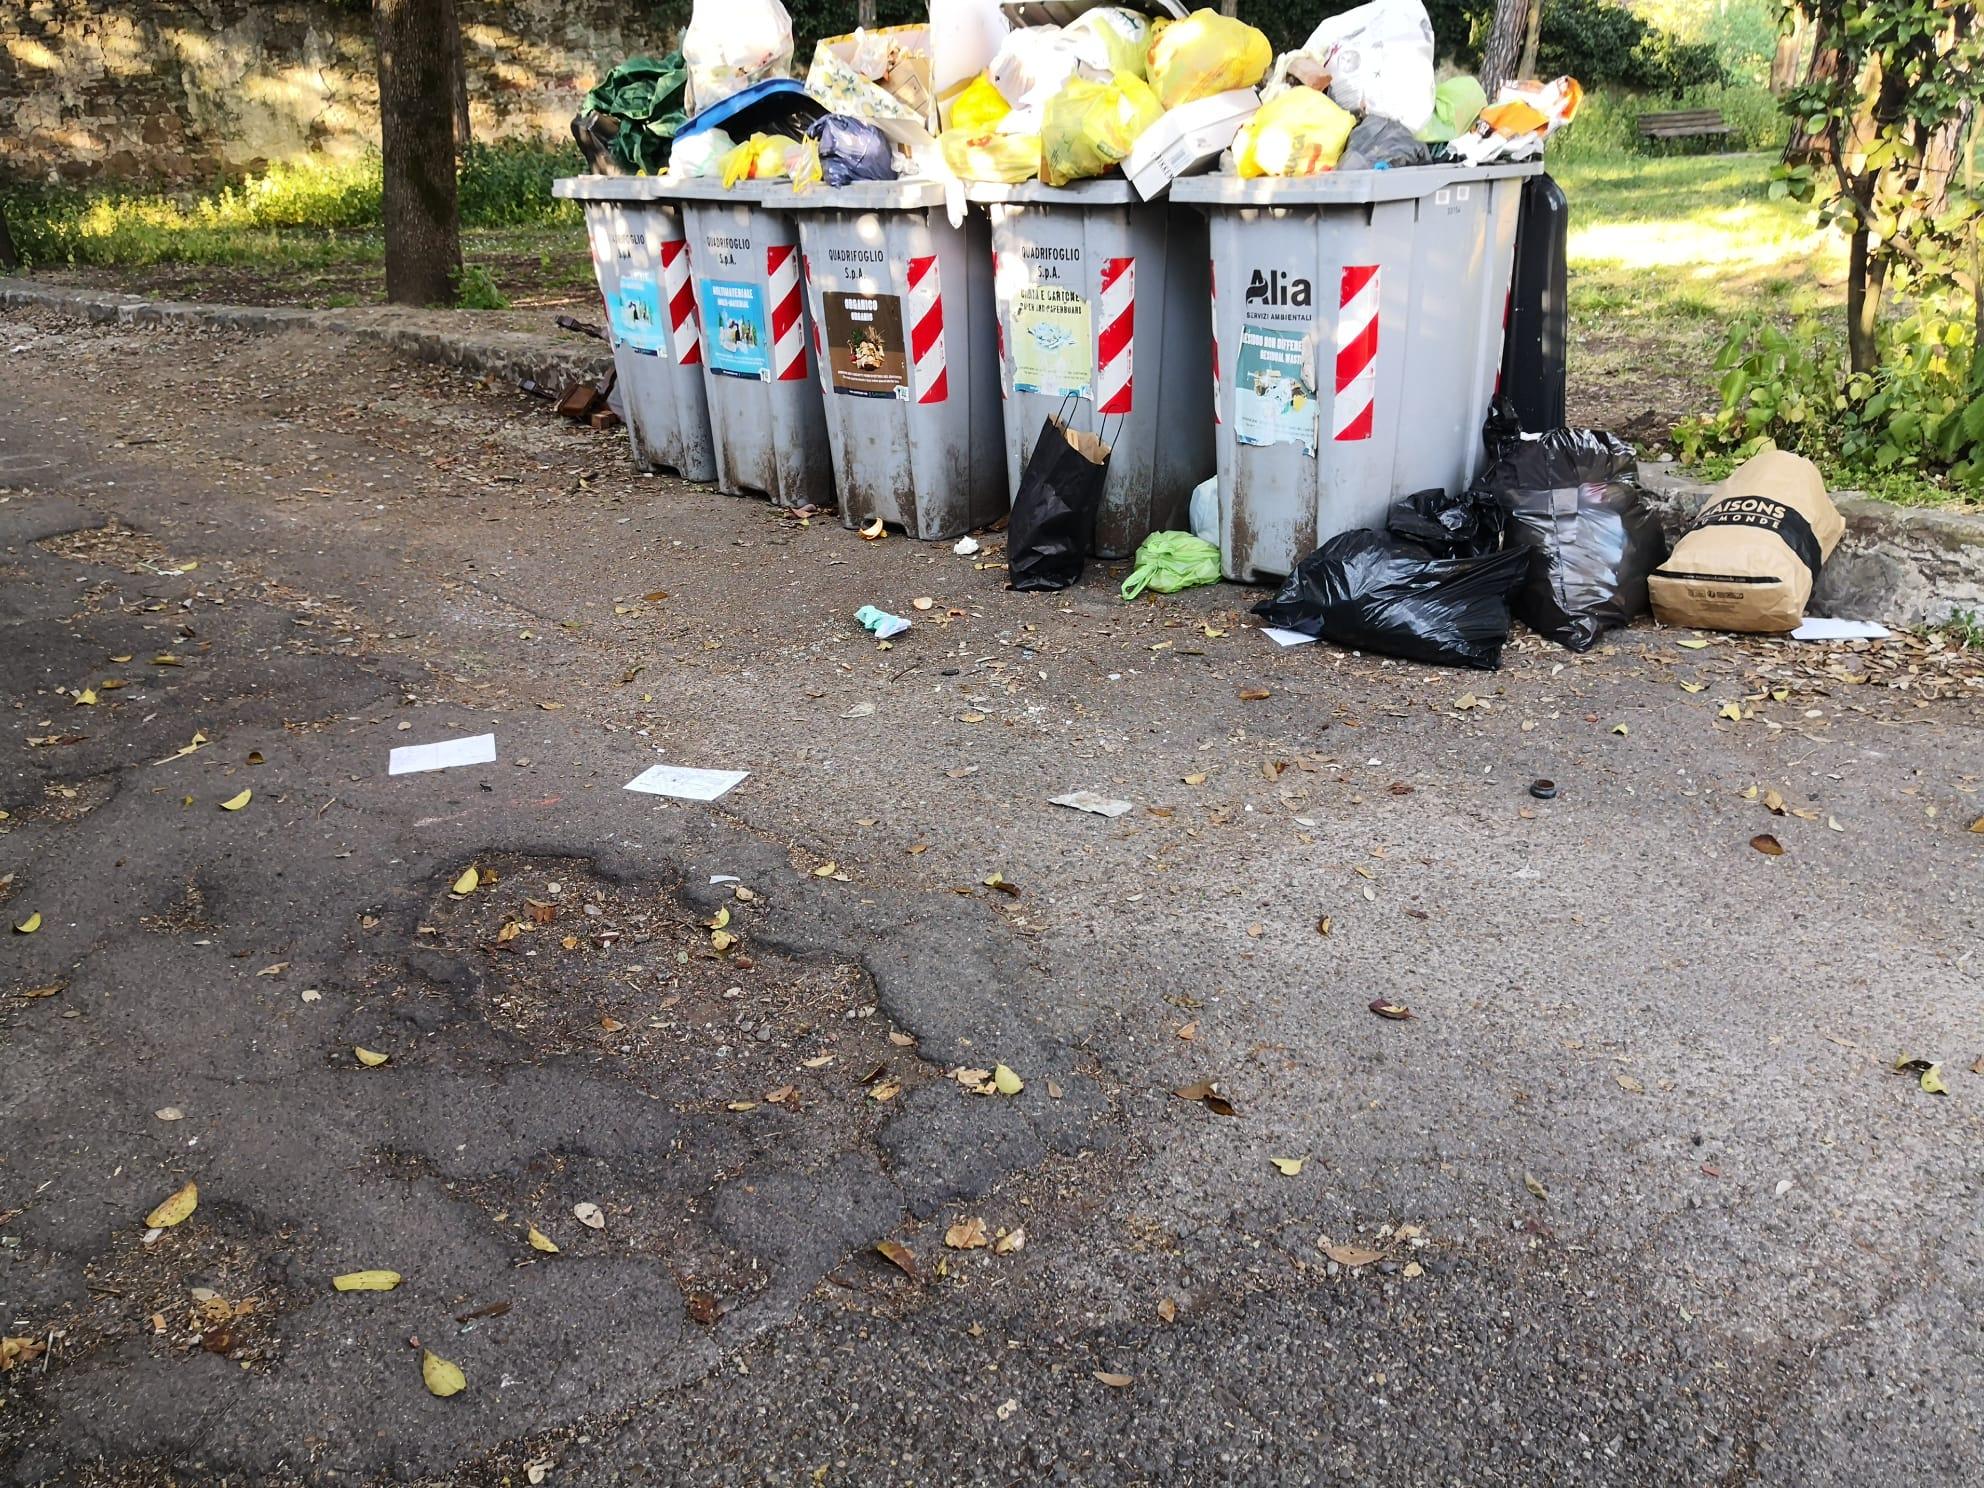 Sempre in via di San Vito,  nella parte collinare, al prato dello strozzino: ci sono evidenti problemi  nella raccolta dei rifiuti o forse qui converge troppo utenza. Fatto sta che l'immagine  racconta un forte degrado di una delle parti più pregevoli del nostro quartiere